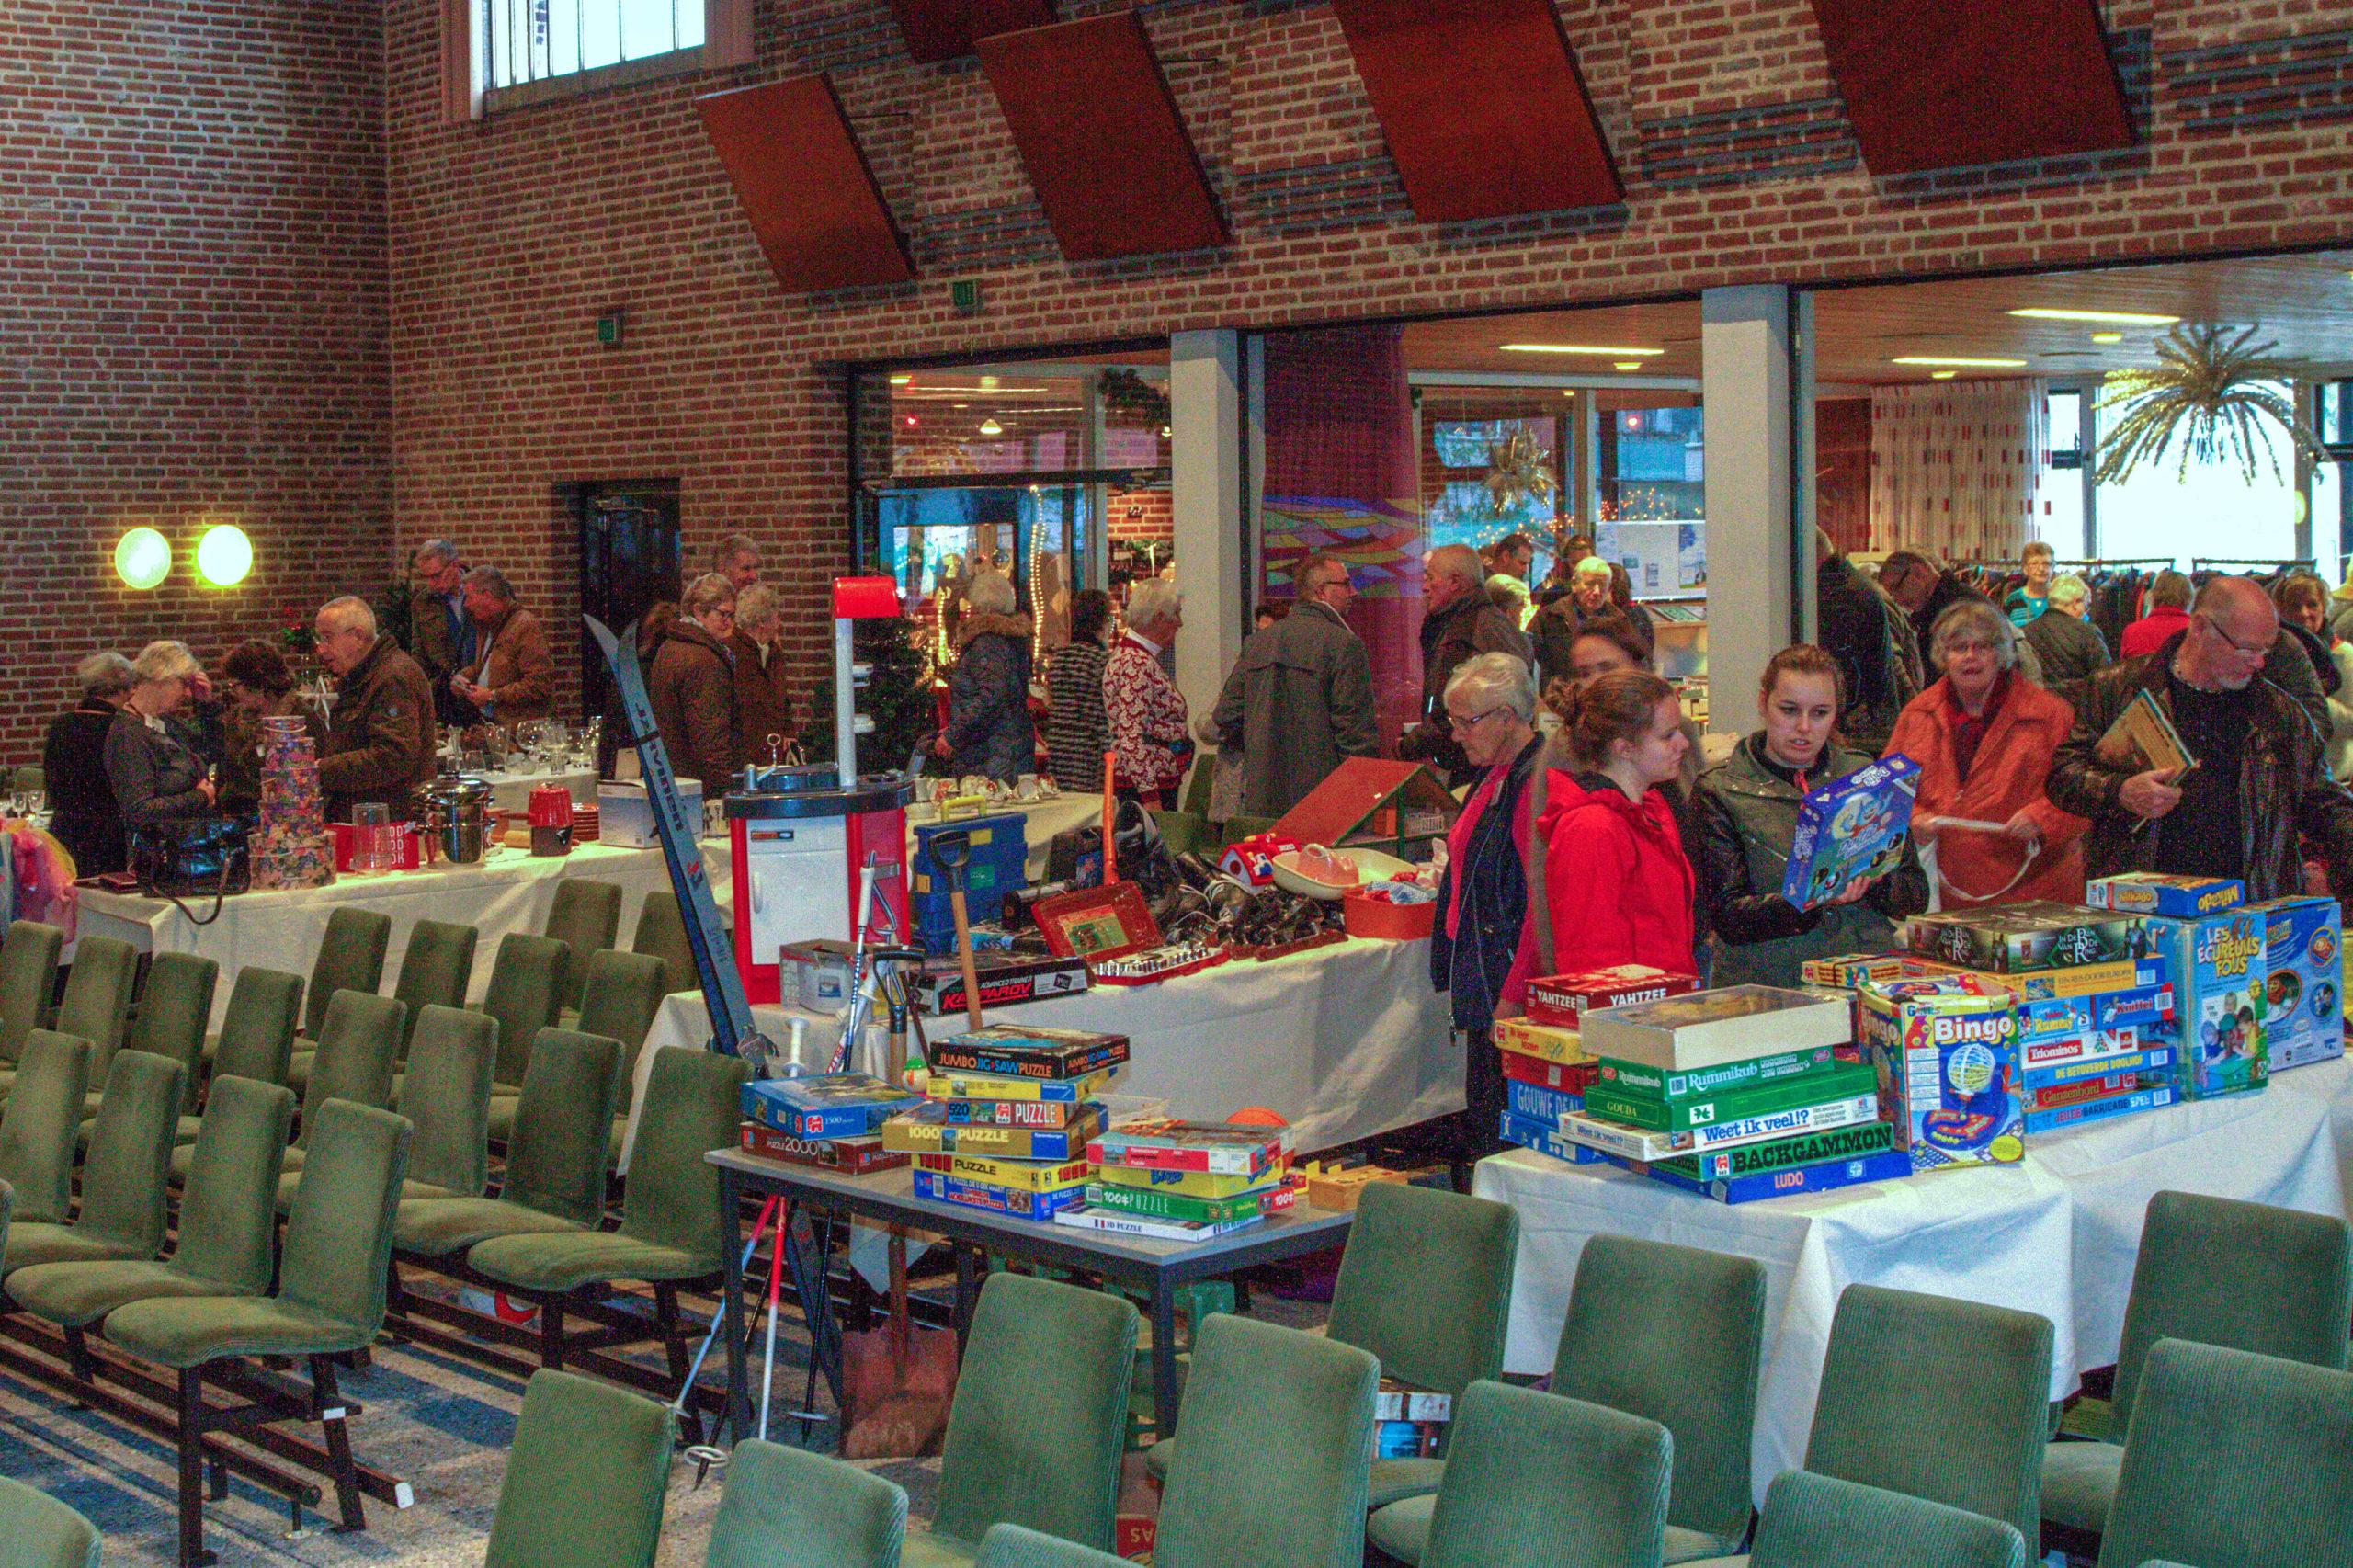 rommelmarkt Waddinxveen